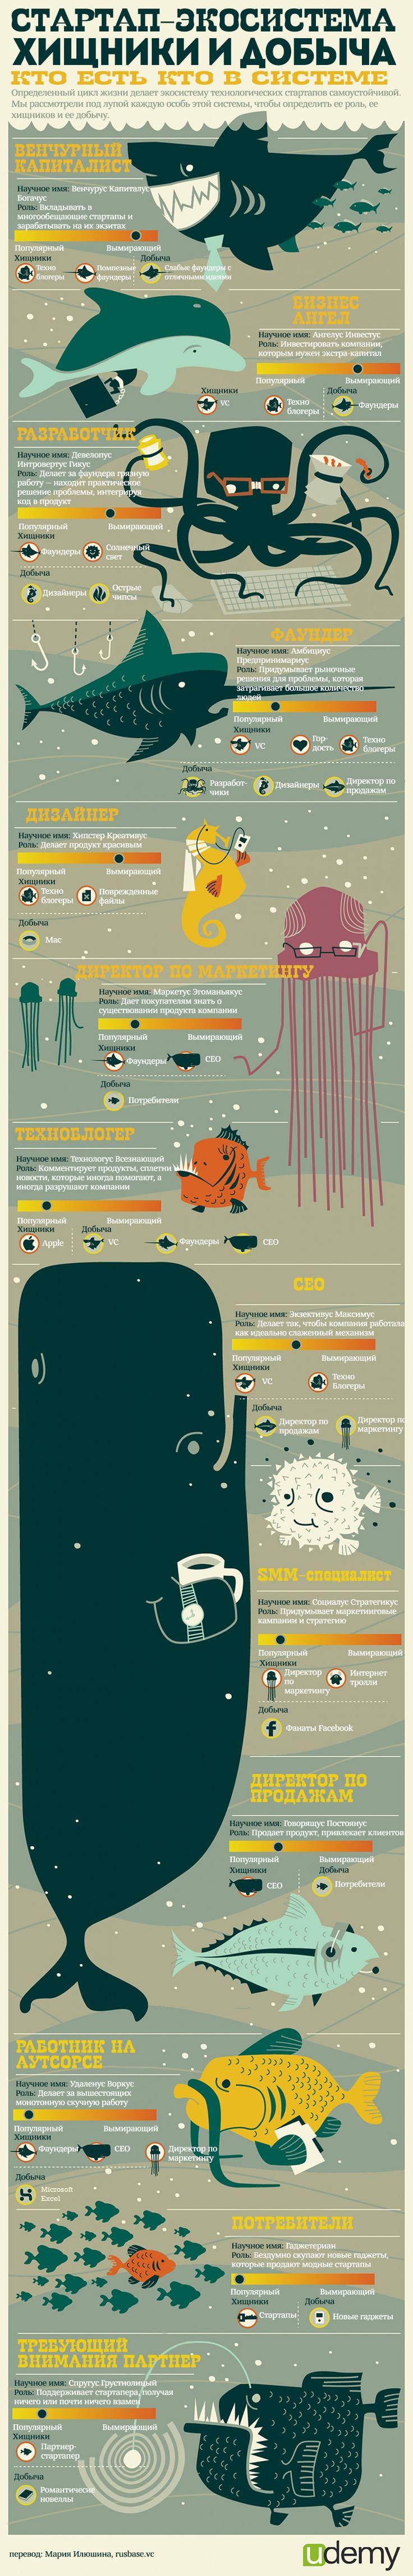 Инфографика: кто на кого охотится в стартап-экосистеме   StartUp школа - полезные статьи про стартапы, венчурные инвестиции